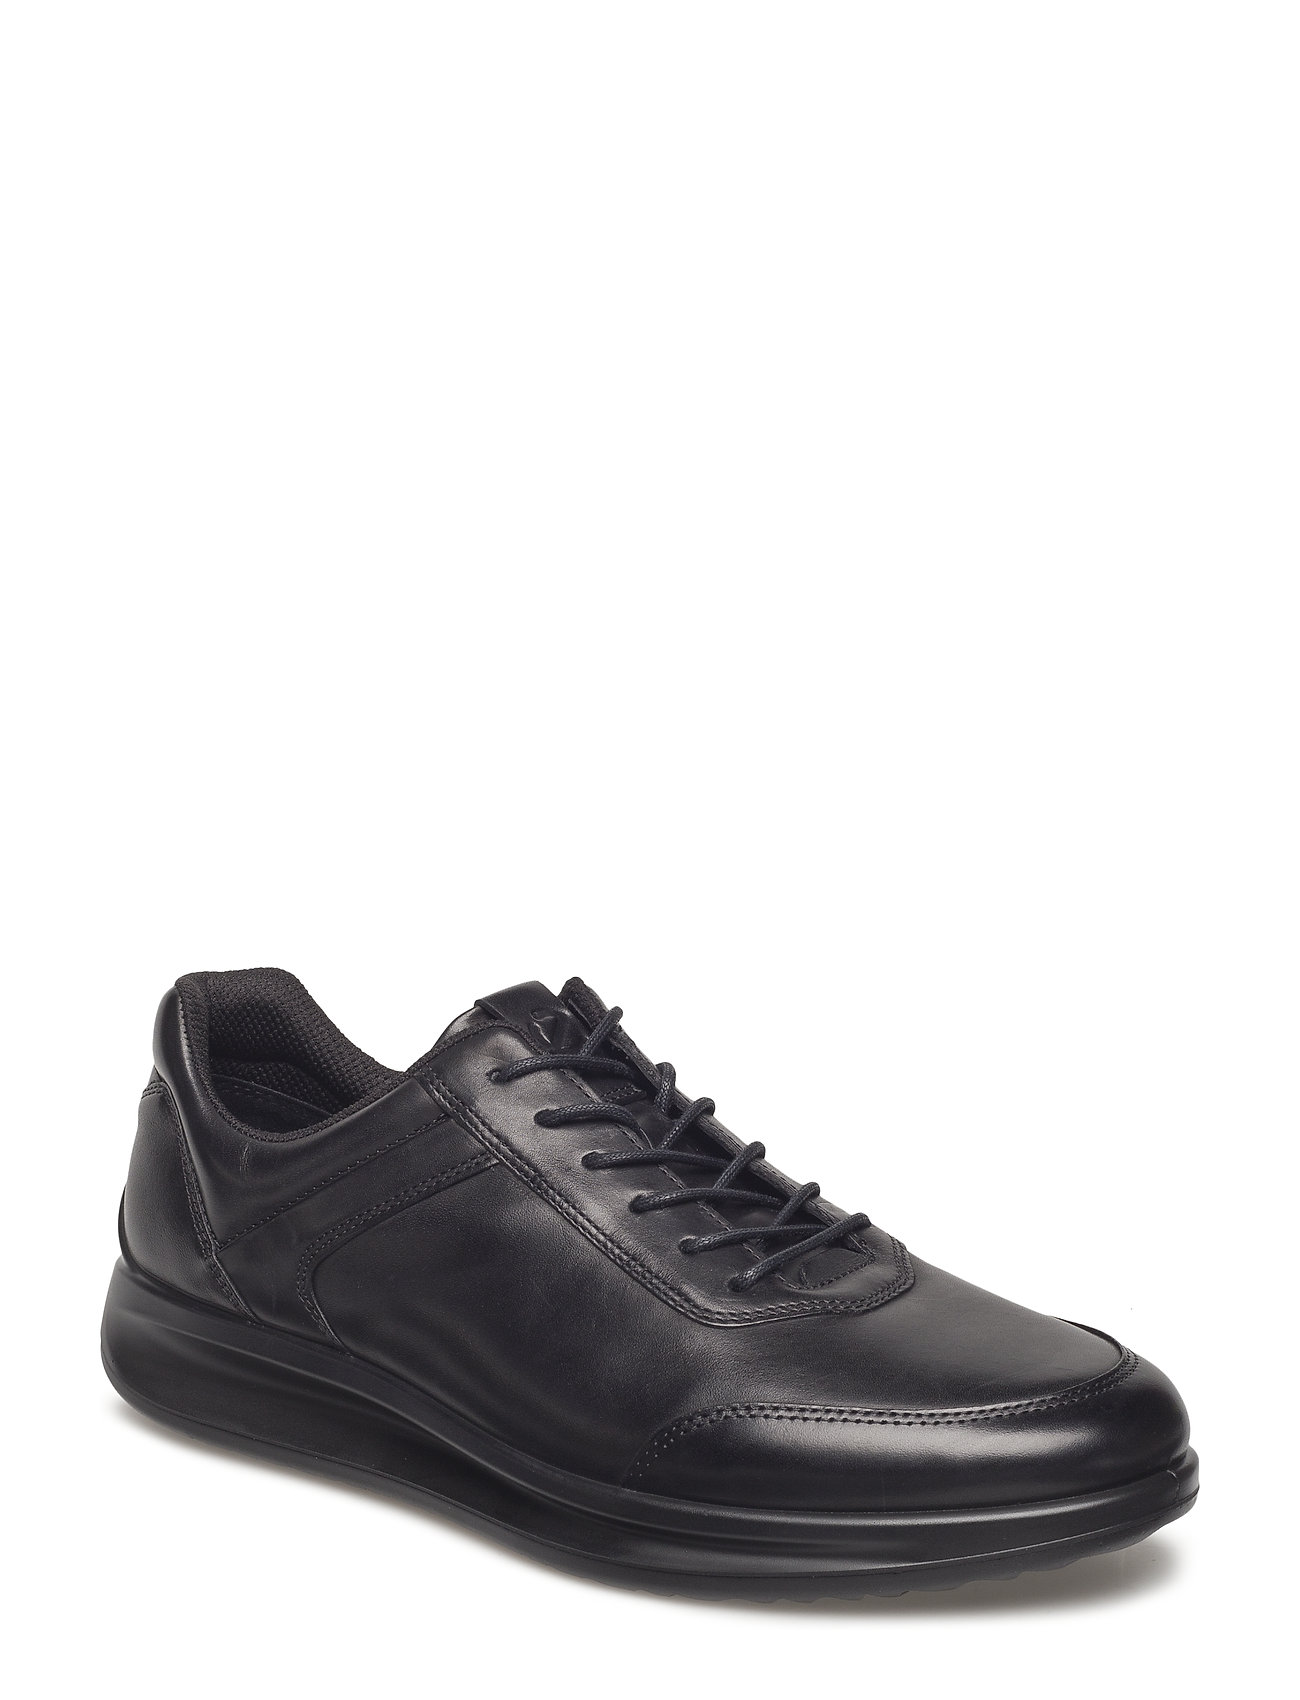 Image of Aquet Low-top Sneakers Sort ECCO (3215335235)